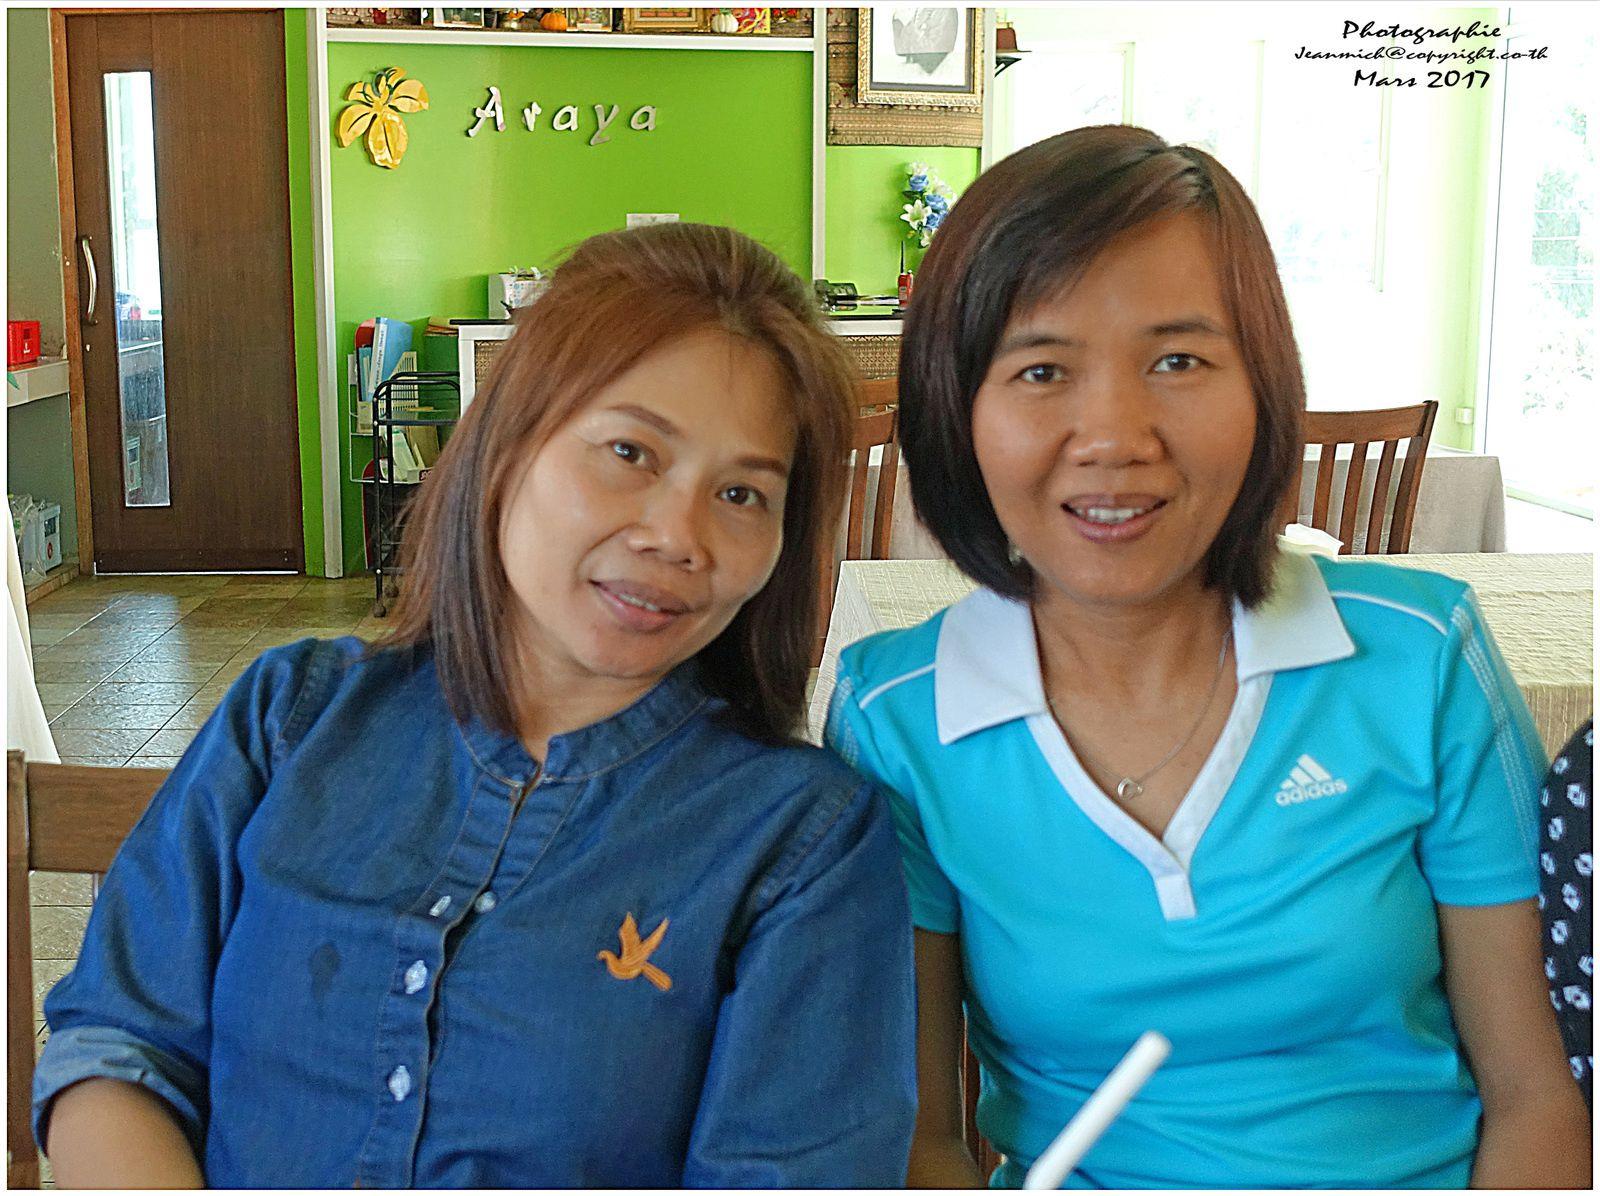 Jane et Kodcha l'épouse de Craig notre ami australien